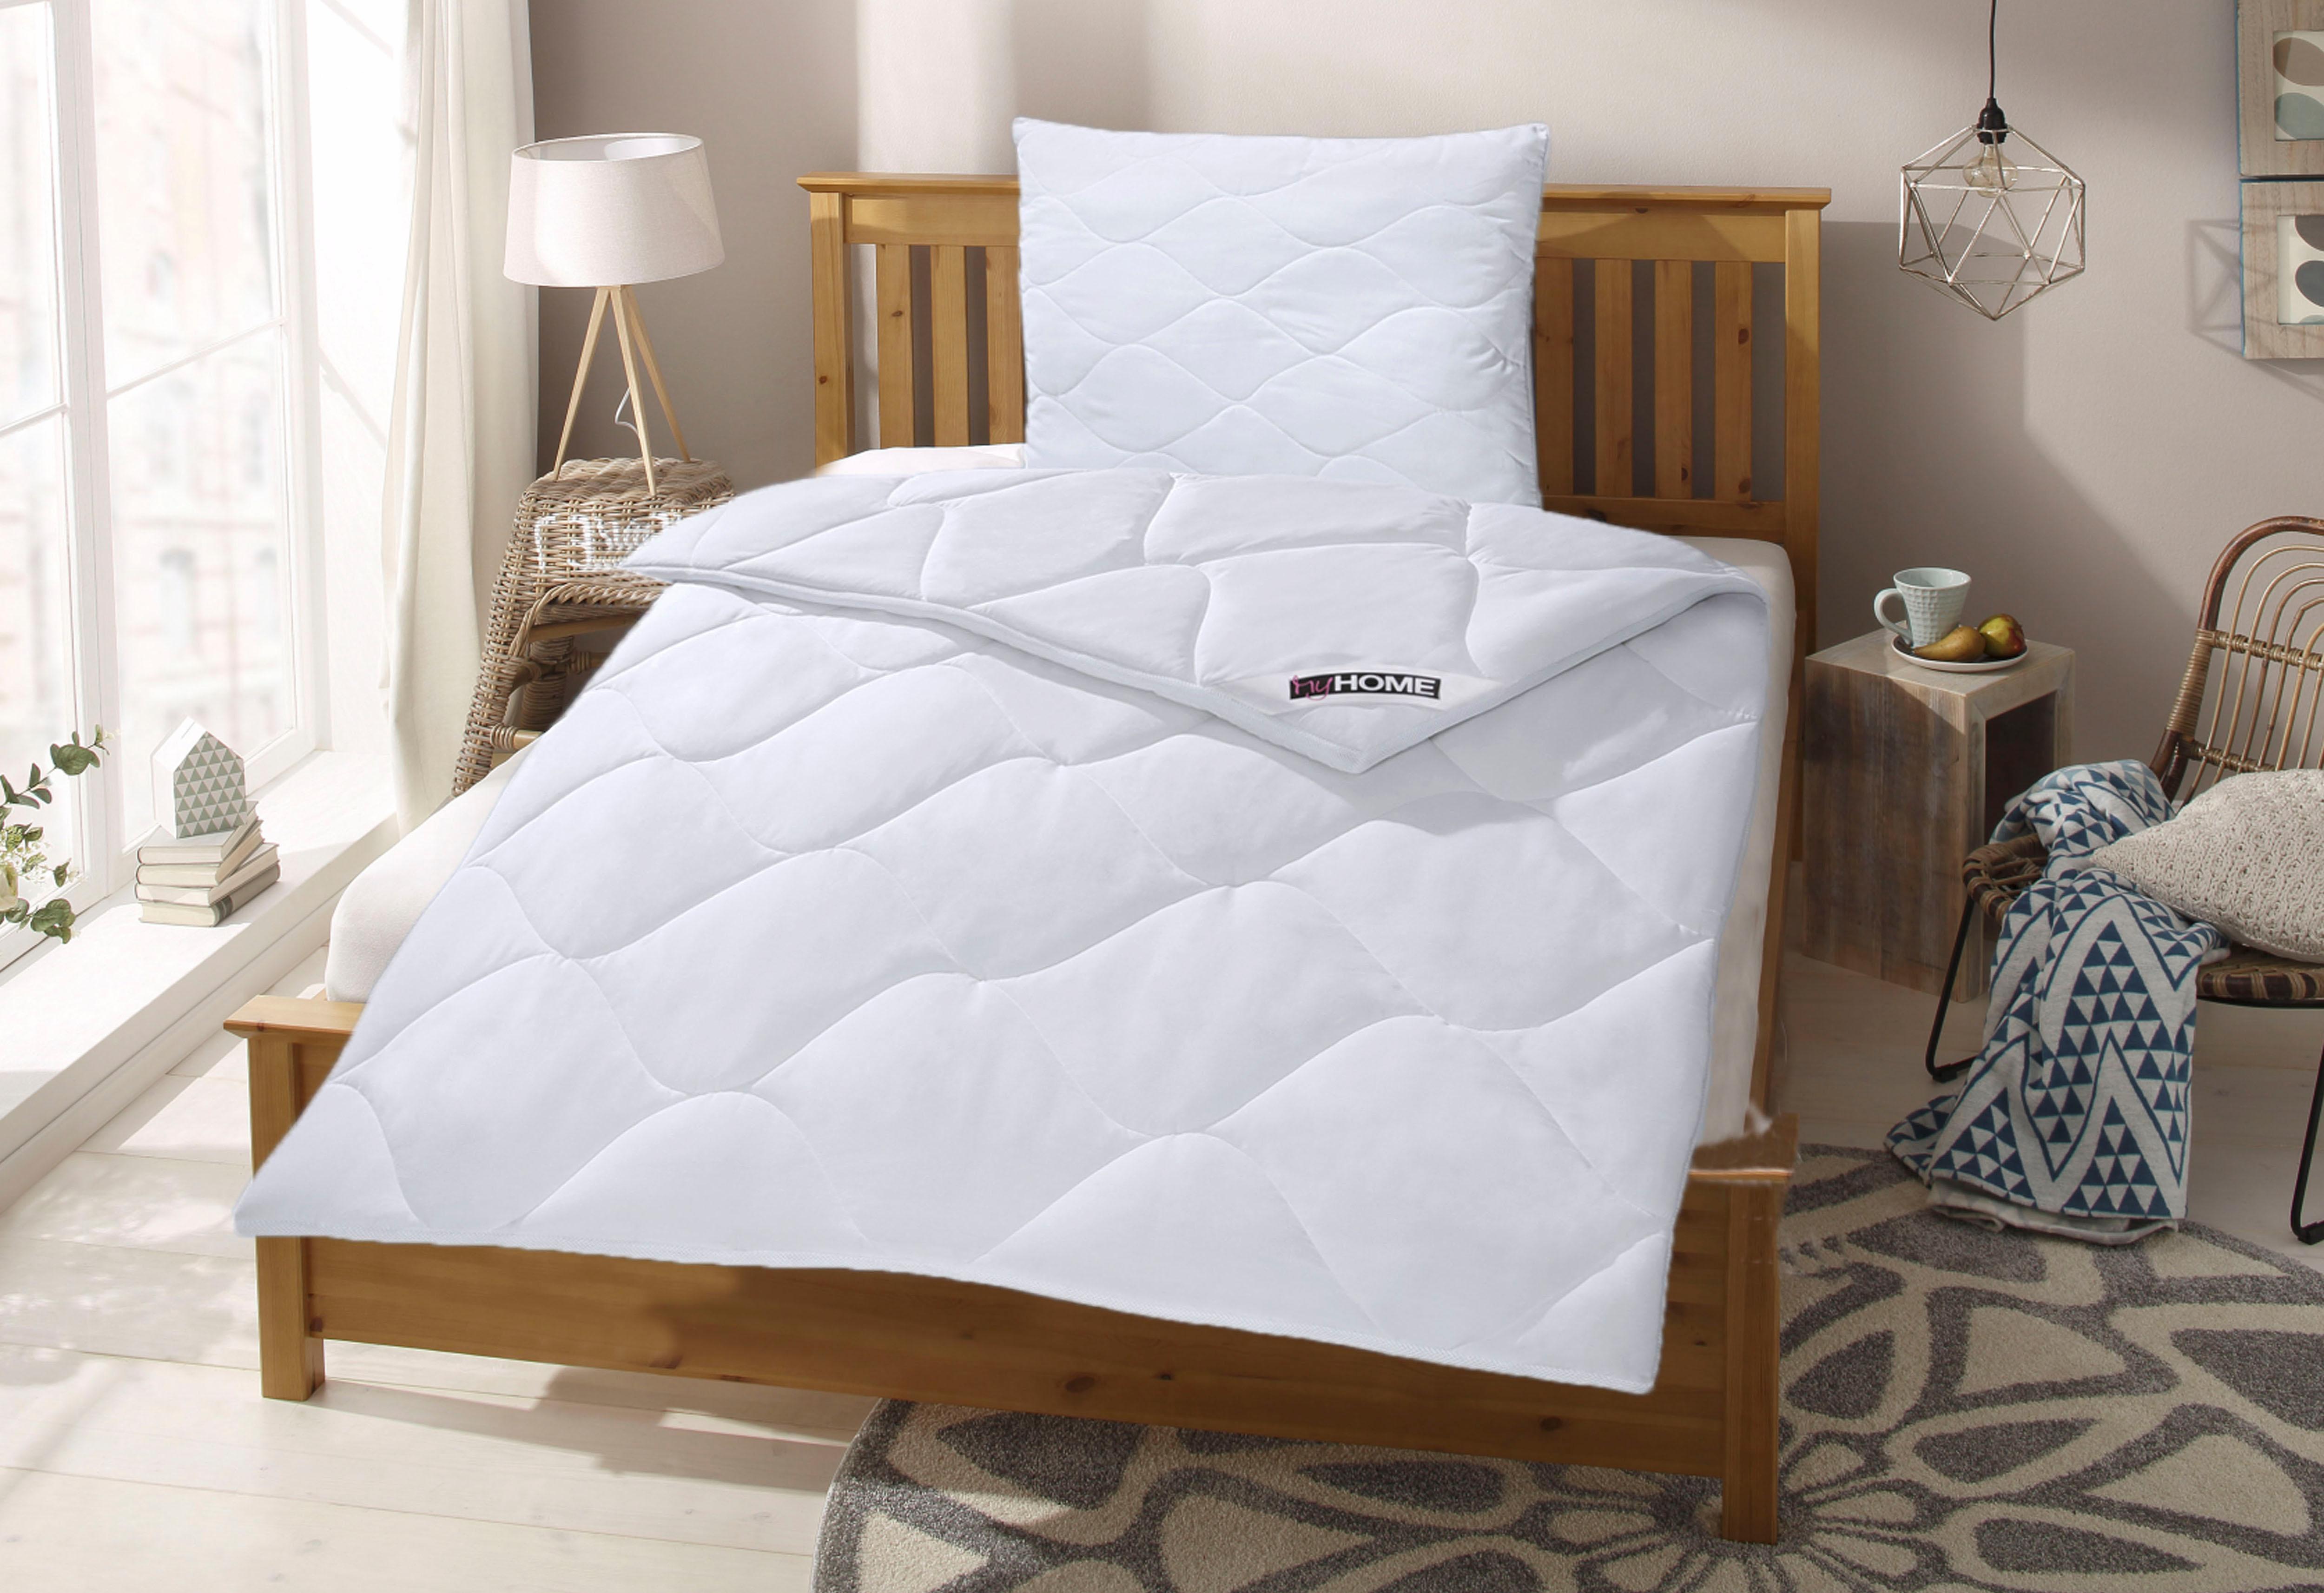 Bettdecken + Kopfkissen Climacontrol Cotton Made in Africa my home warm Füllung: 6D-Hohlfaser